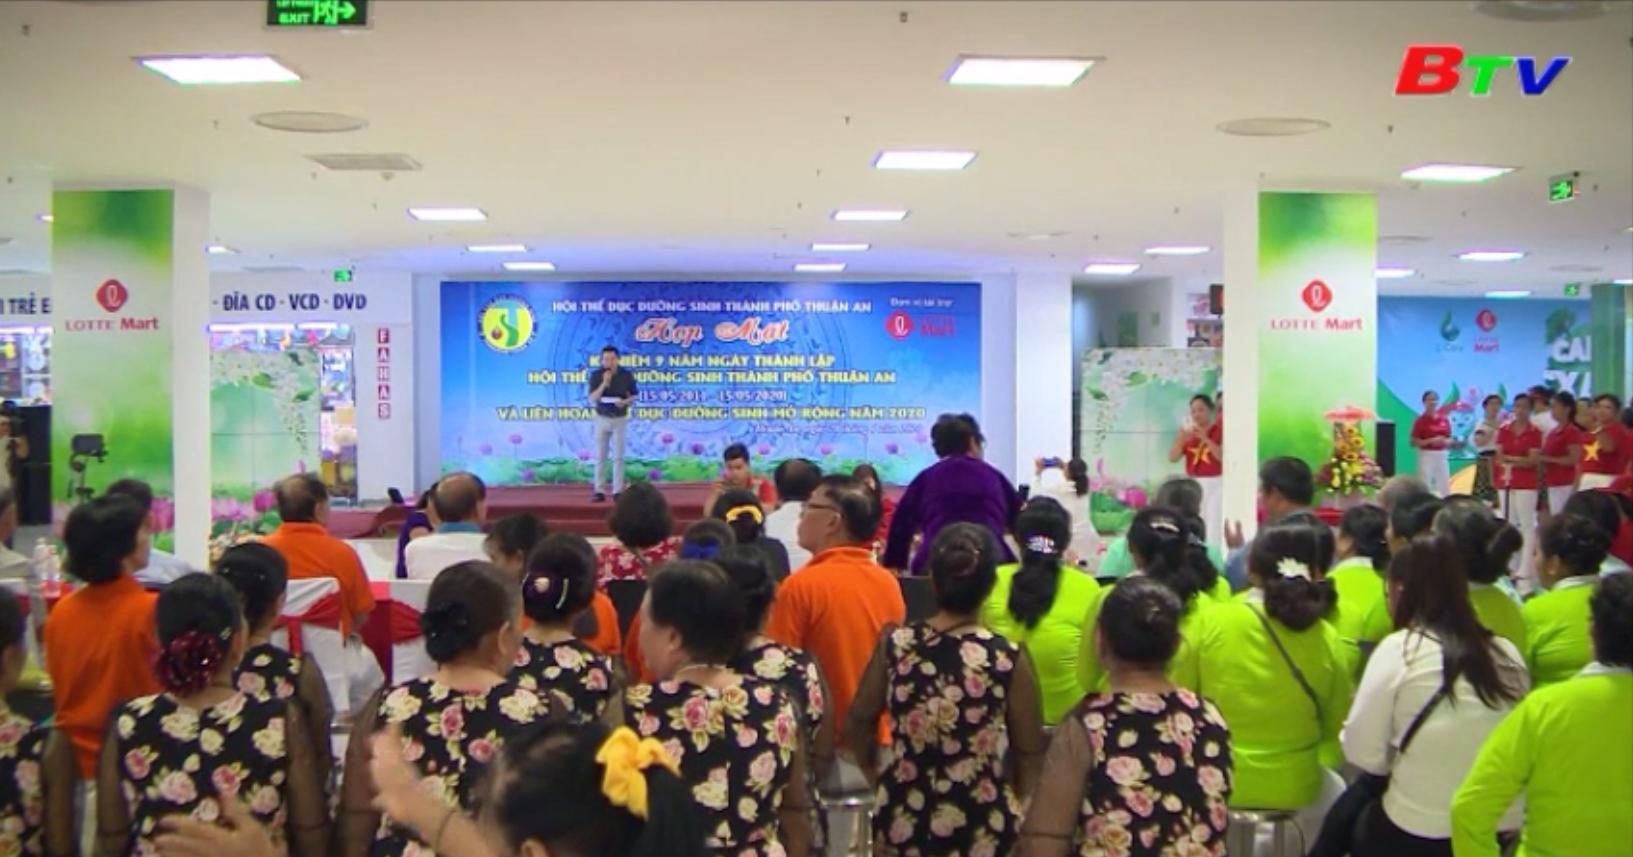 Hội Thể dục dưỡng sinh thành phố Thuận An kỷ niệm 9 năm ngày thành lập